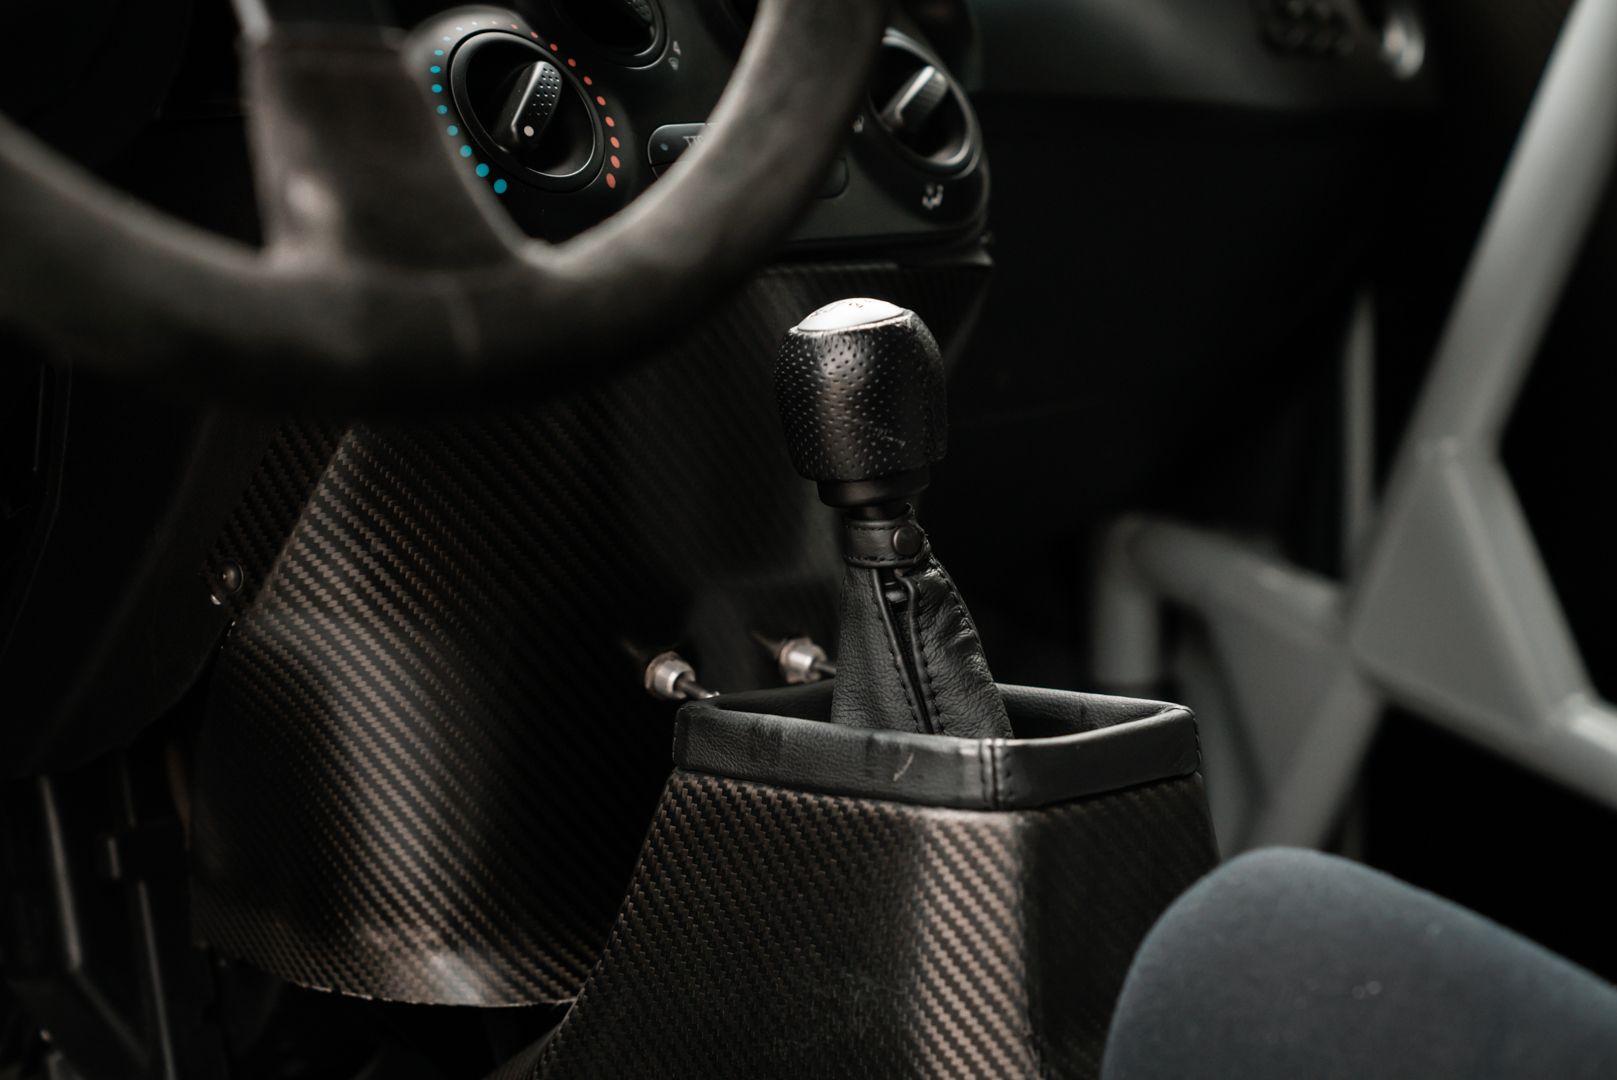 2008 Fiat 500 Abarth Assetto Corse 45/49 77387